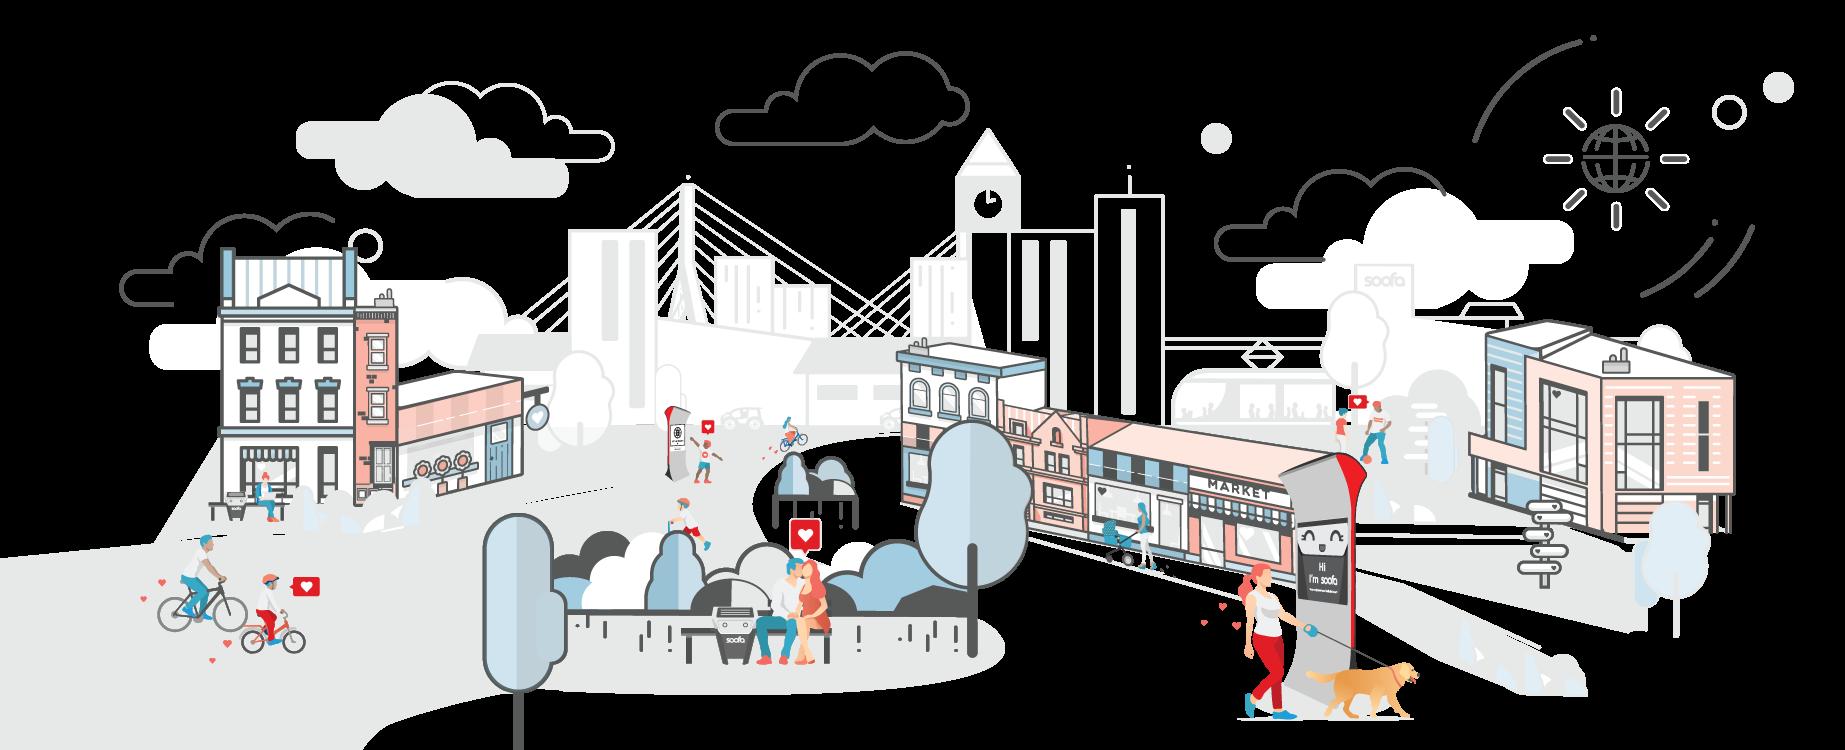 Soofa smart cityscape graphic